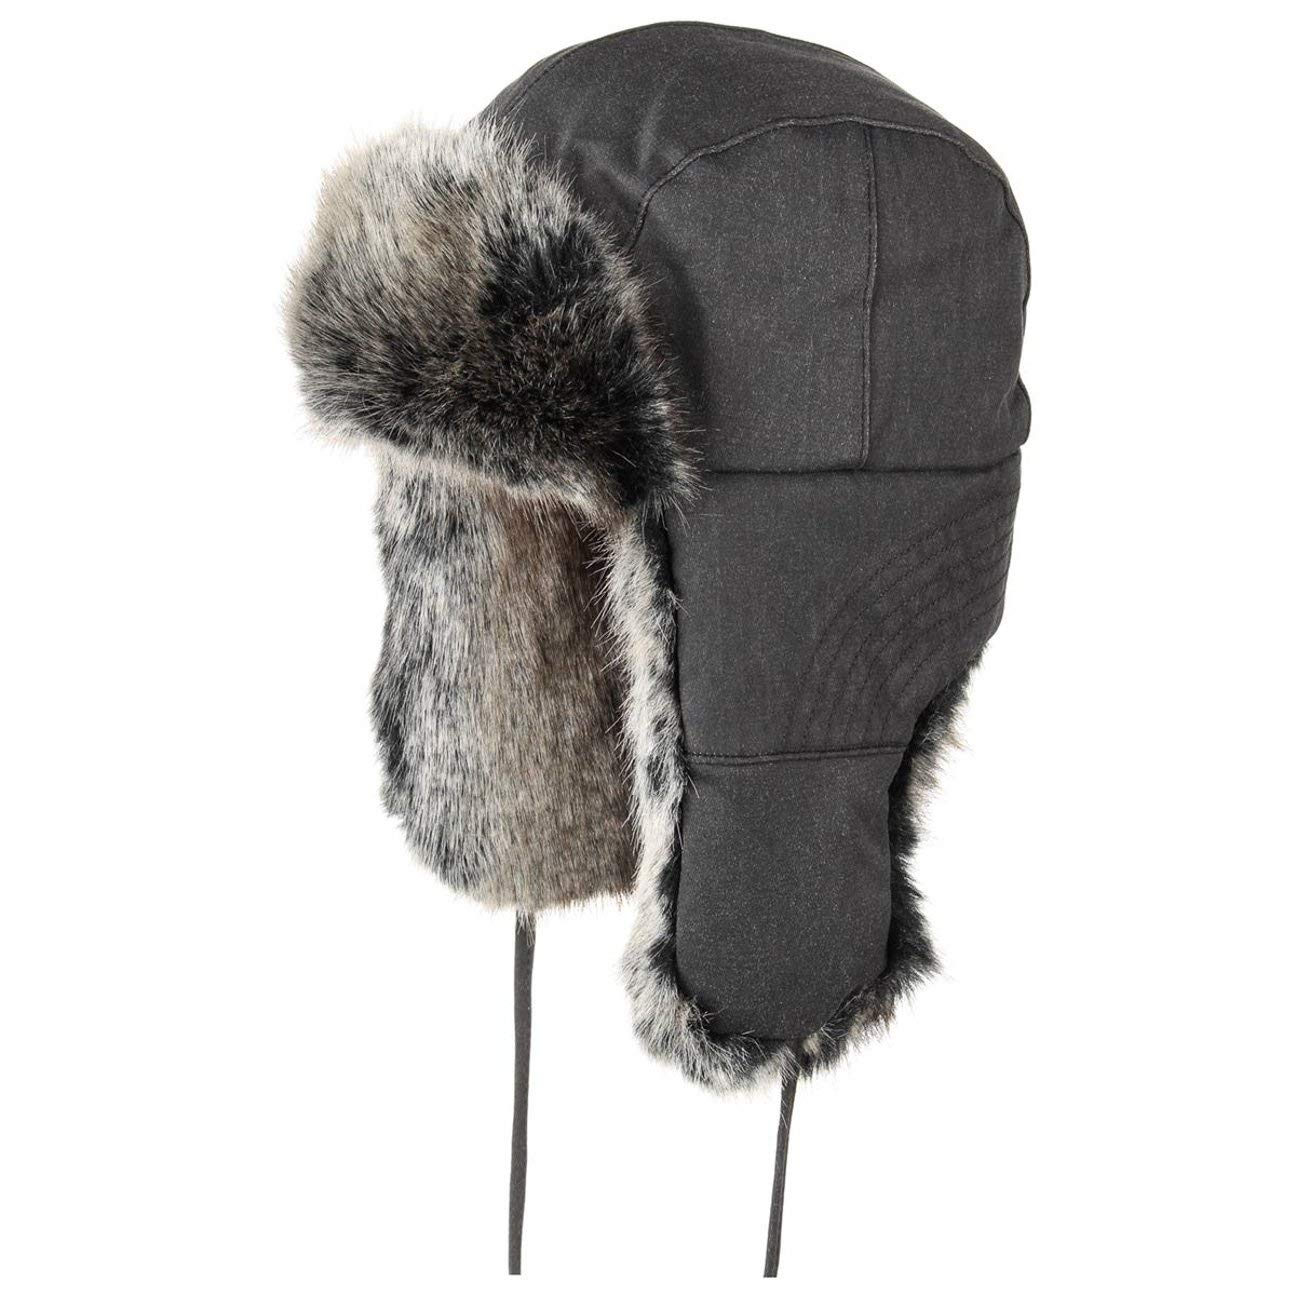 Stetson Standish Old Cotton Fliegermütze für Damen und Herren Winterlapeer Wintermütze Ohrenmütze mit Futter, Futter Herbst Winter 6723_21502